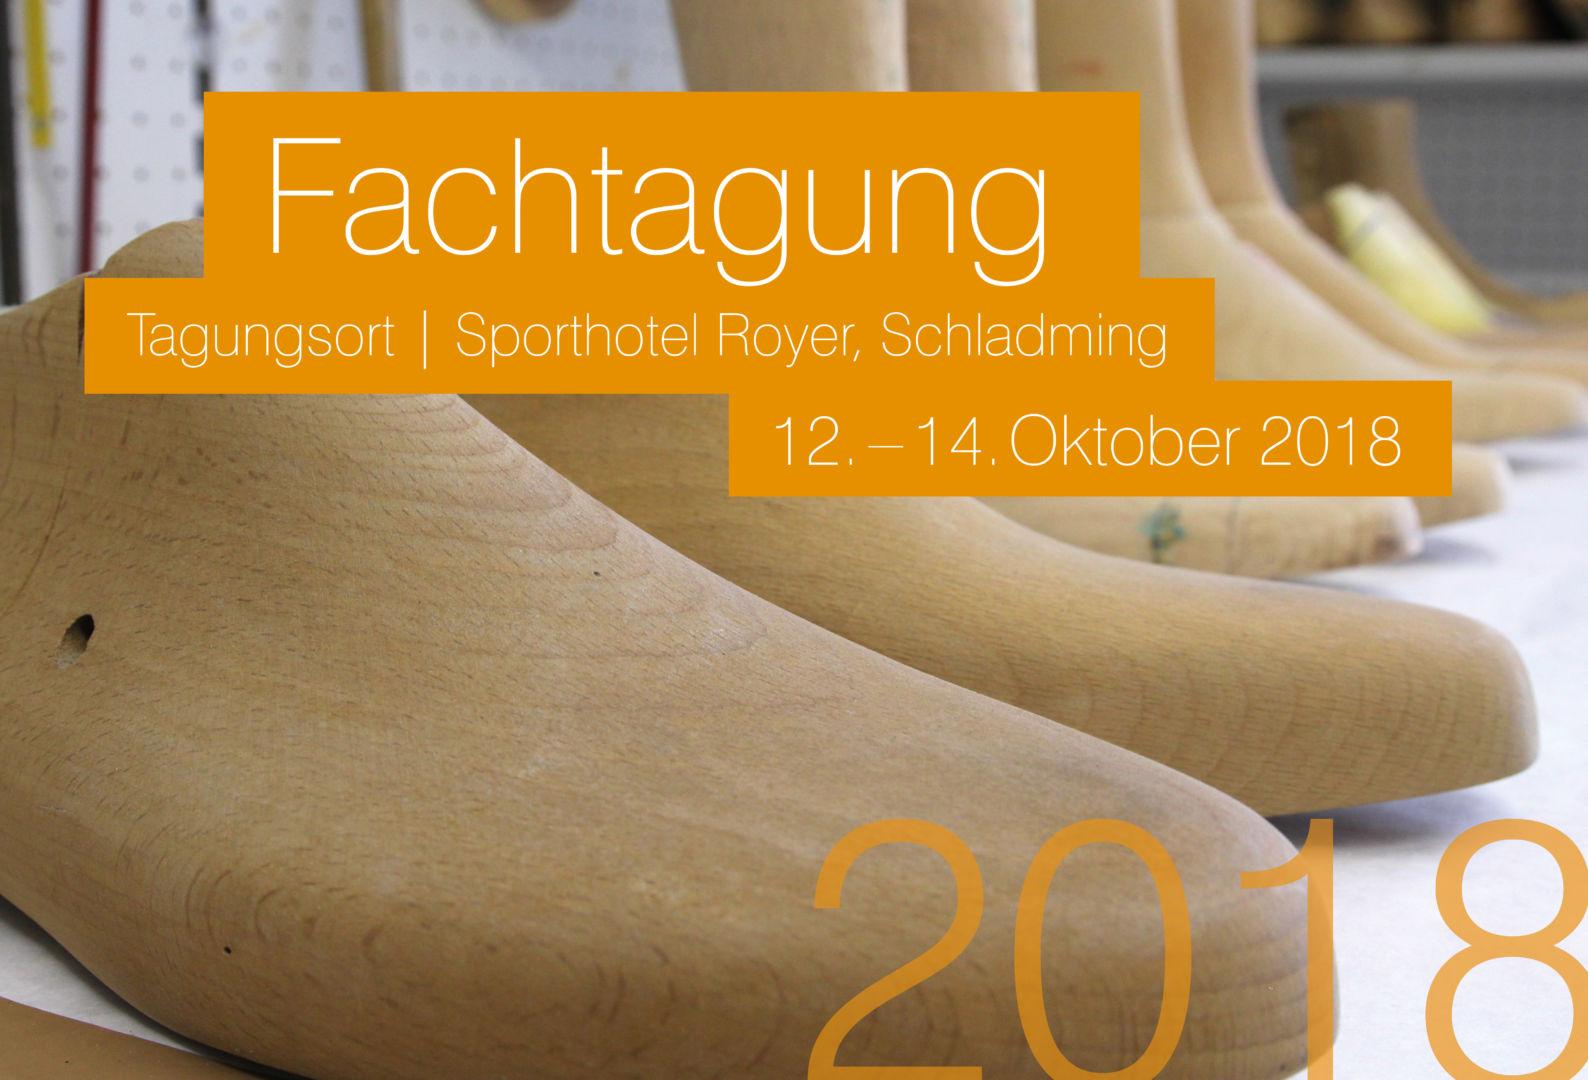 12.-14. Oktober 2018: Fachtagung in Schladming